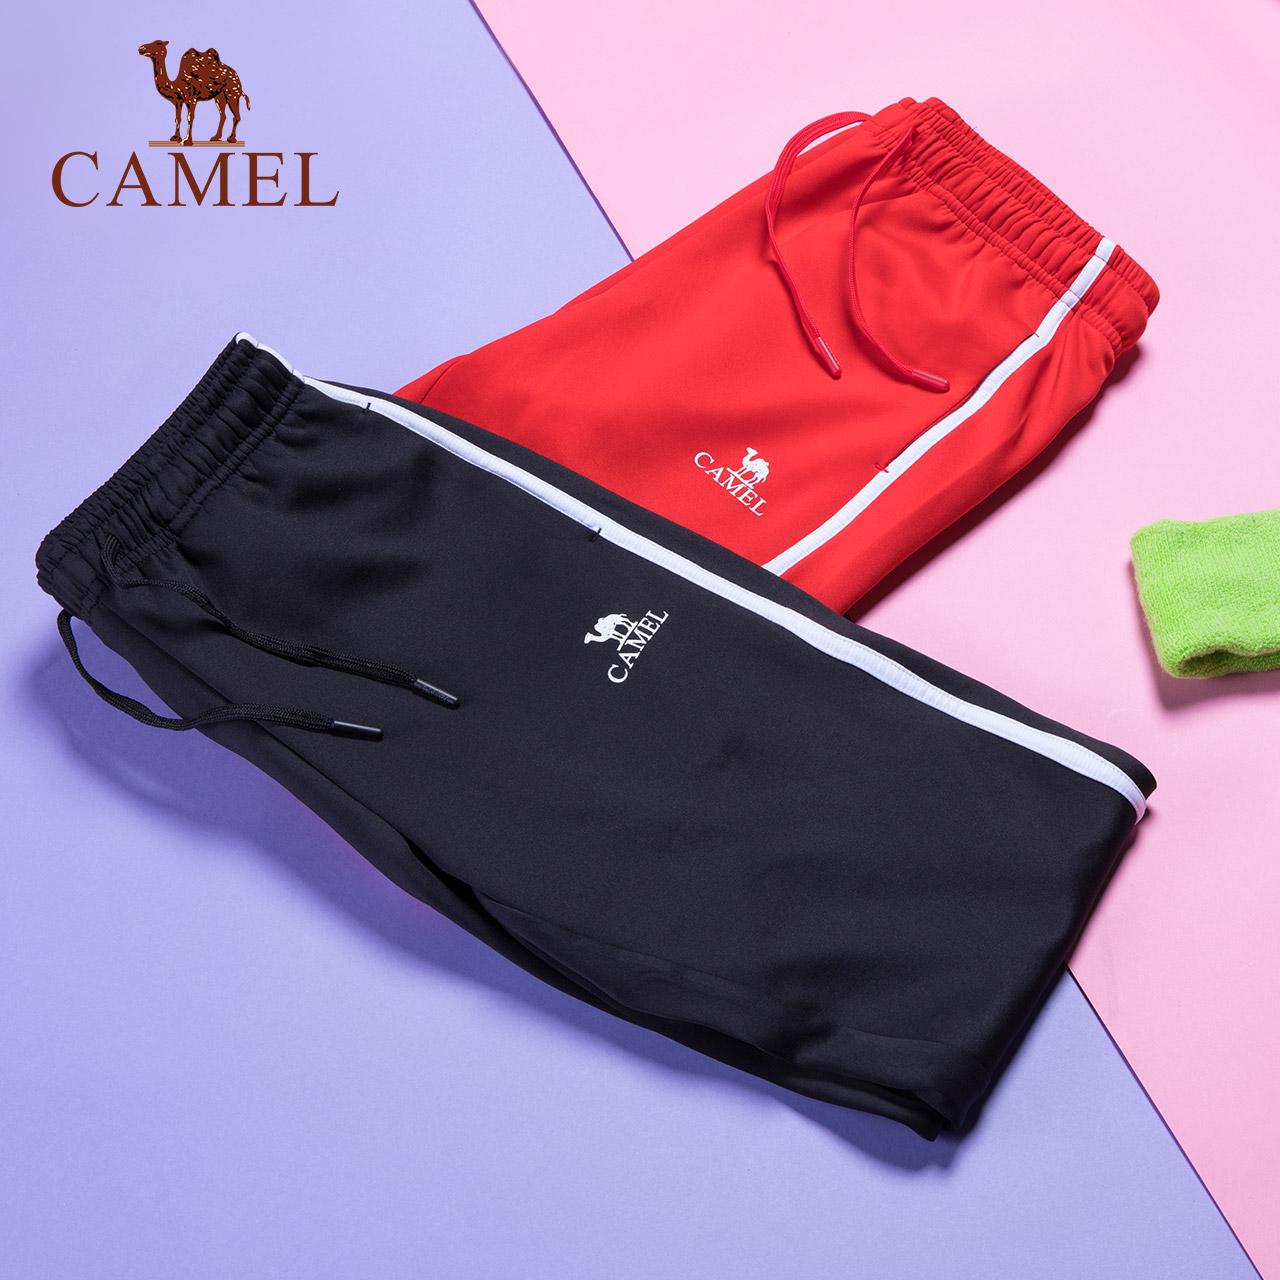 骆驼运动裤女长裤宽松束脚跑步裤夏季瑜伽裤薄款高腰健身裤休闲裤